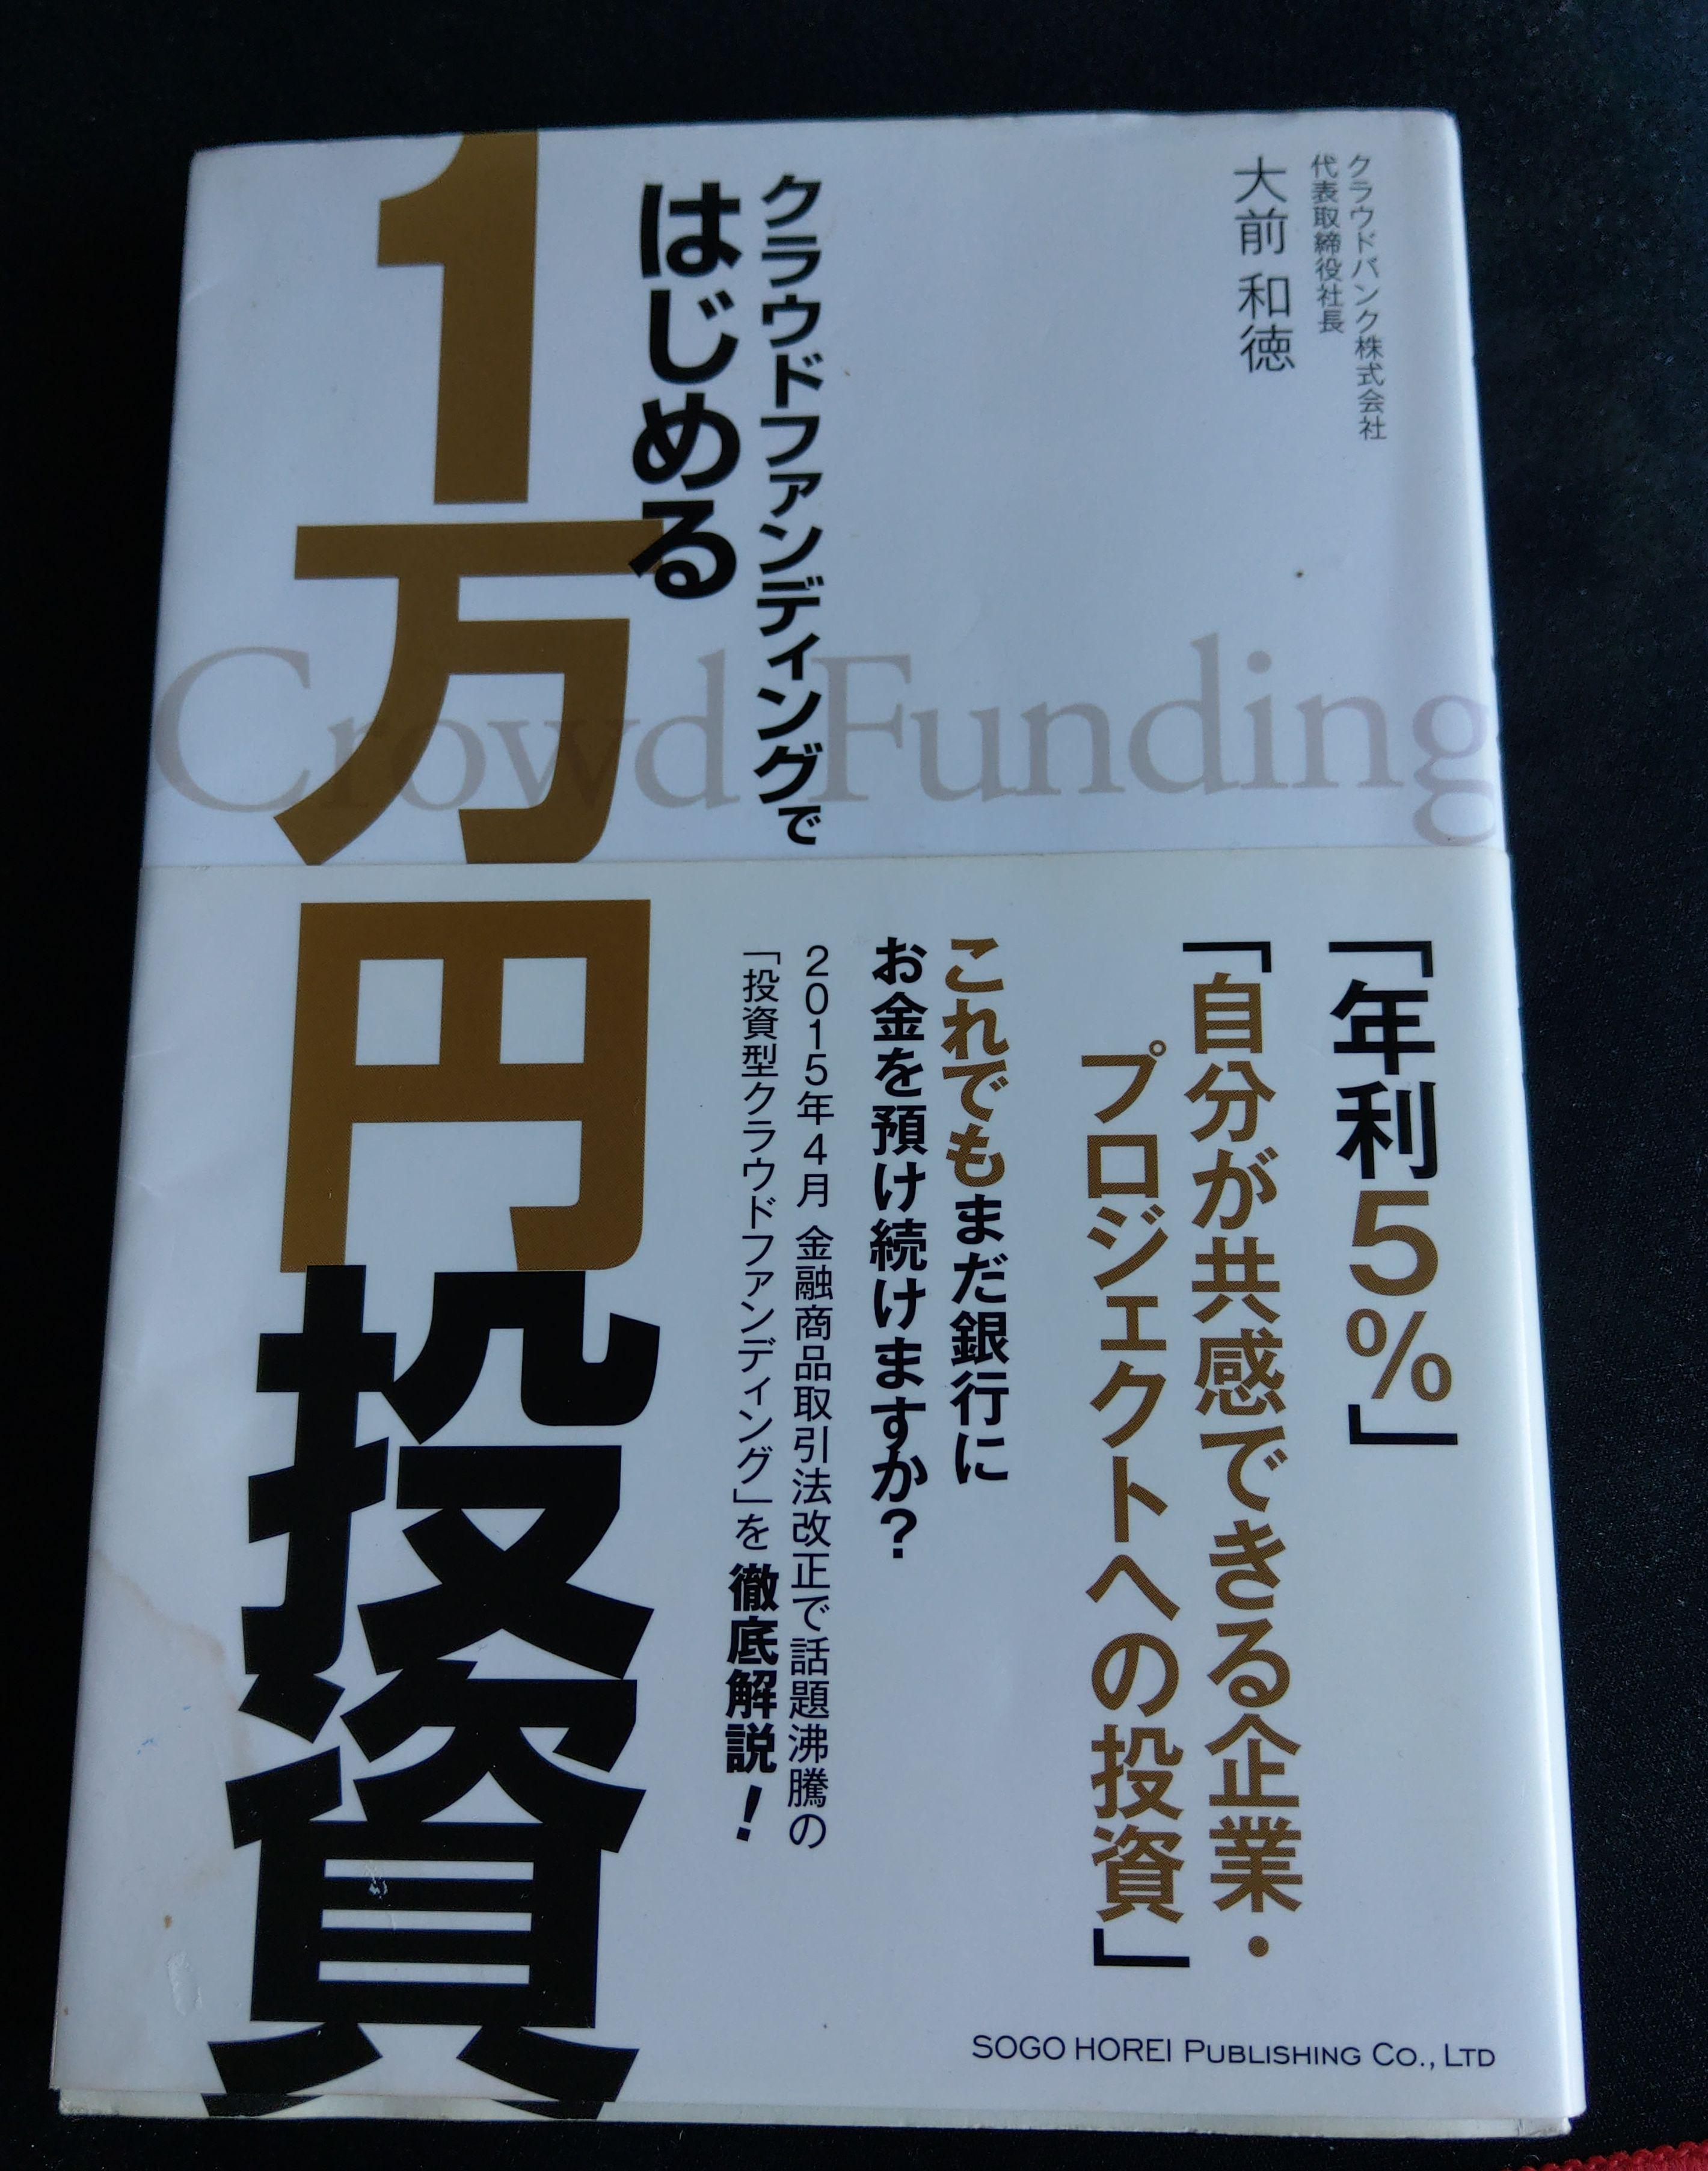 大前和徳クラウドバンク社長(当時)、「クラウドファンディングではじめる1万円投資」07